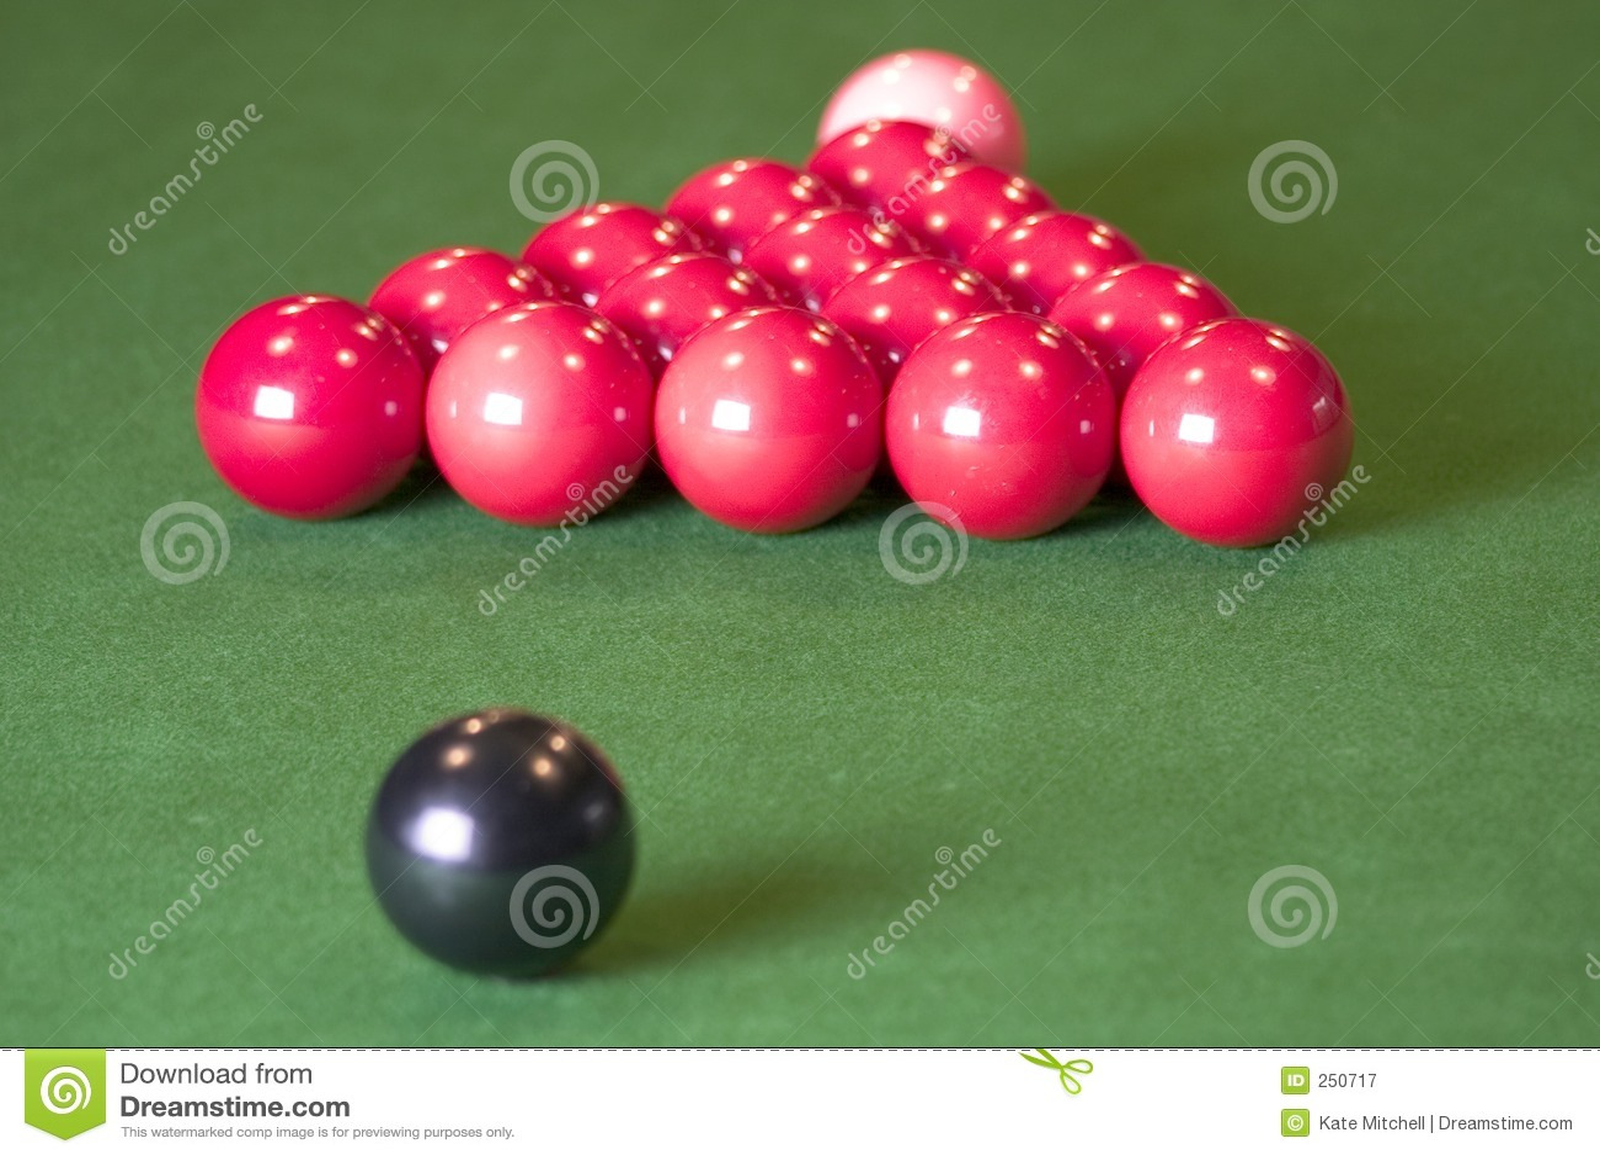 Bollsnooker